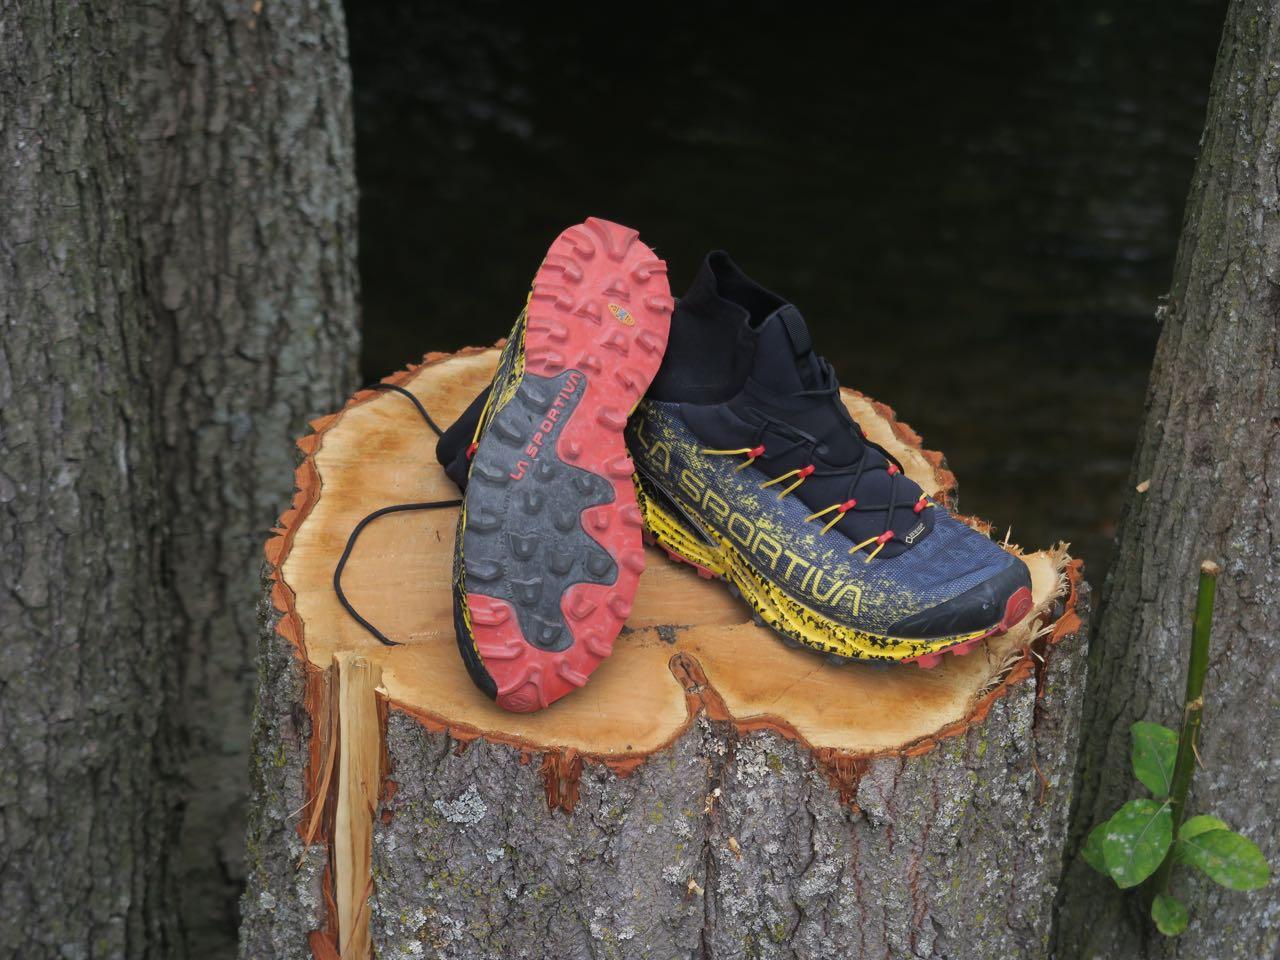 FAVORITT: La Sportiva Uragano GTX var vår favoritt av skoene med høyt skaft. Både mest vanntette og best å løpe med.